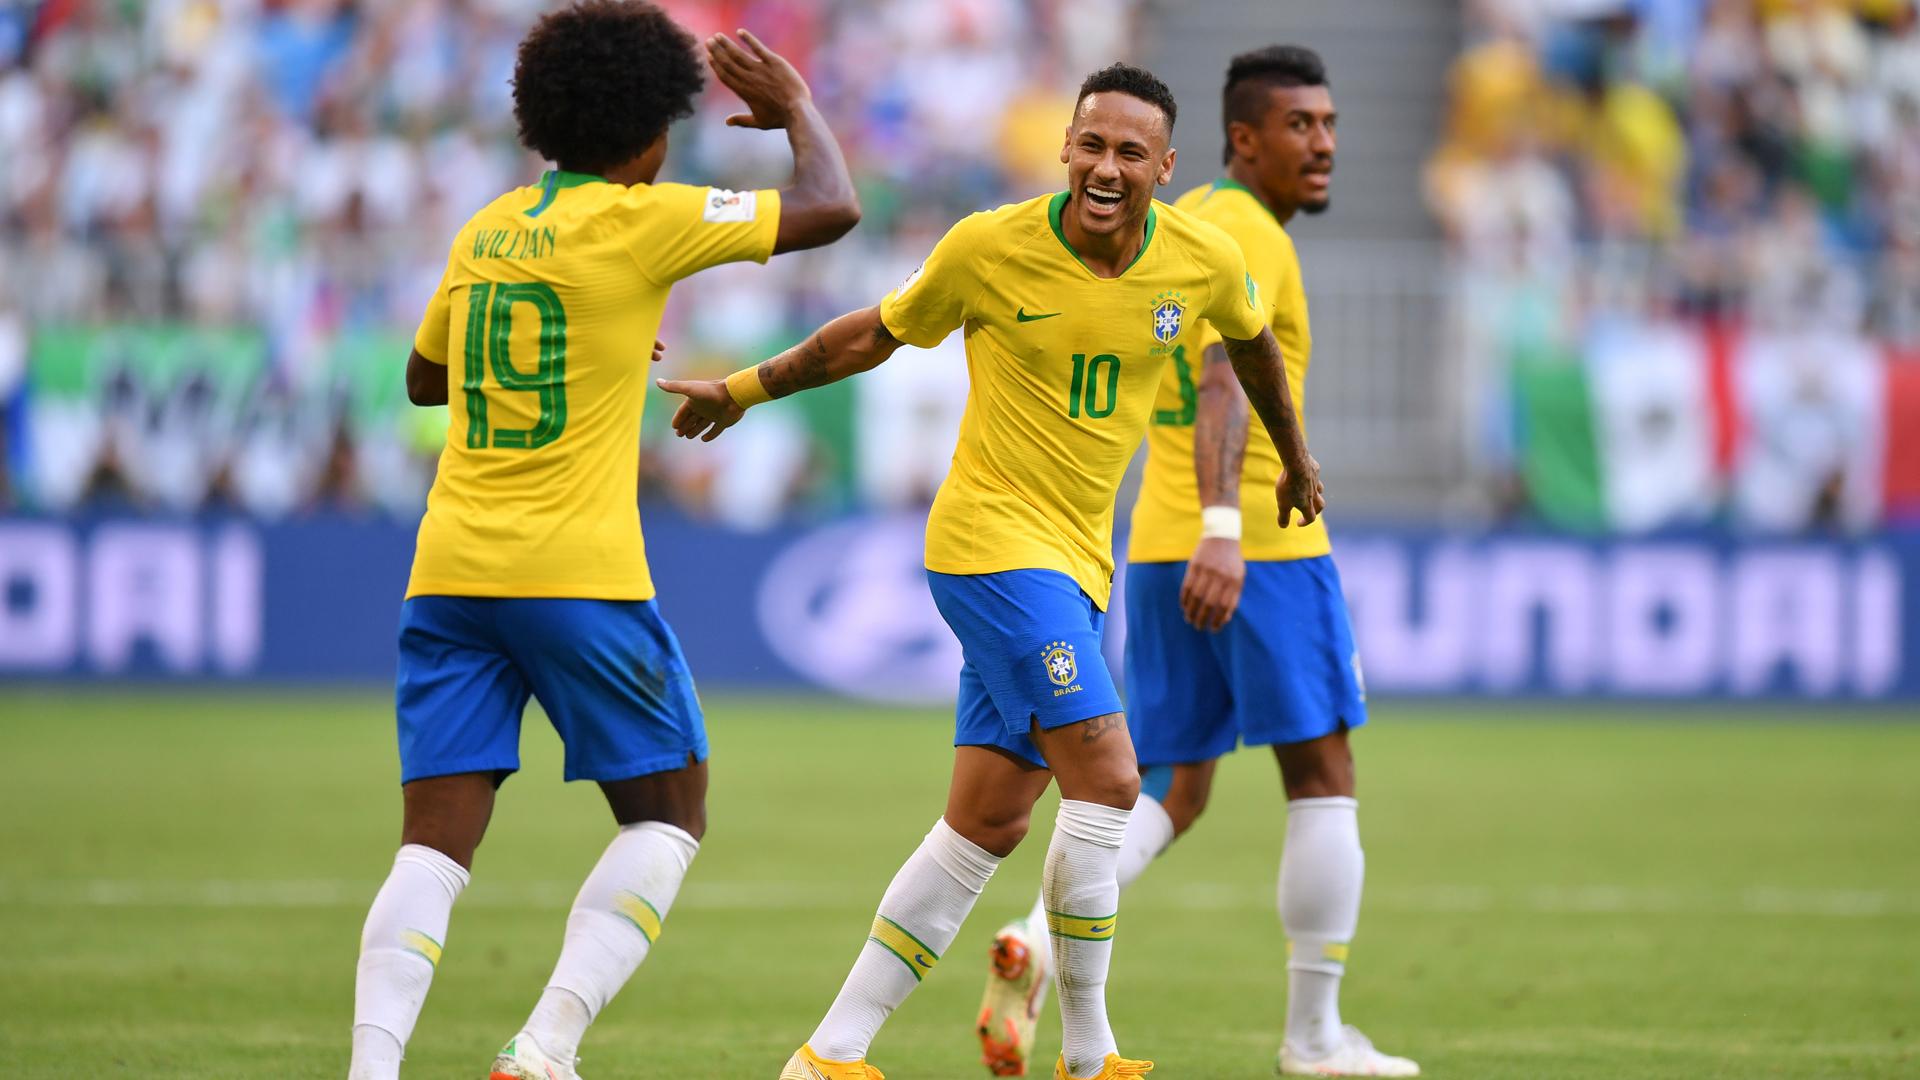 Бразильский нападающий виллиан